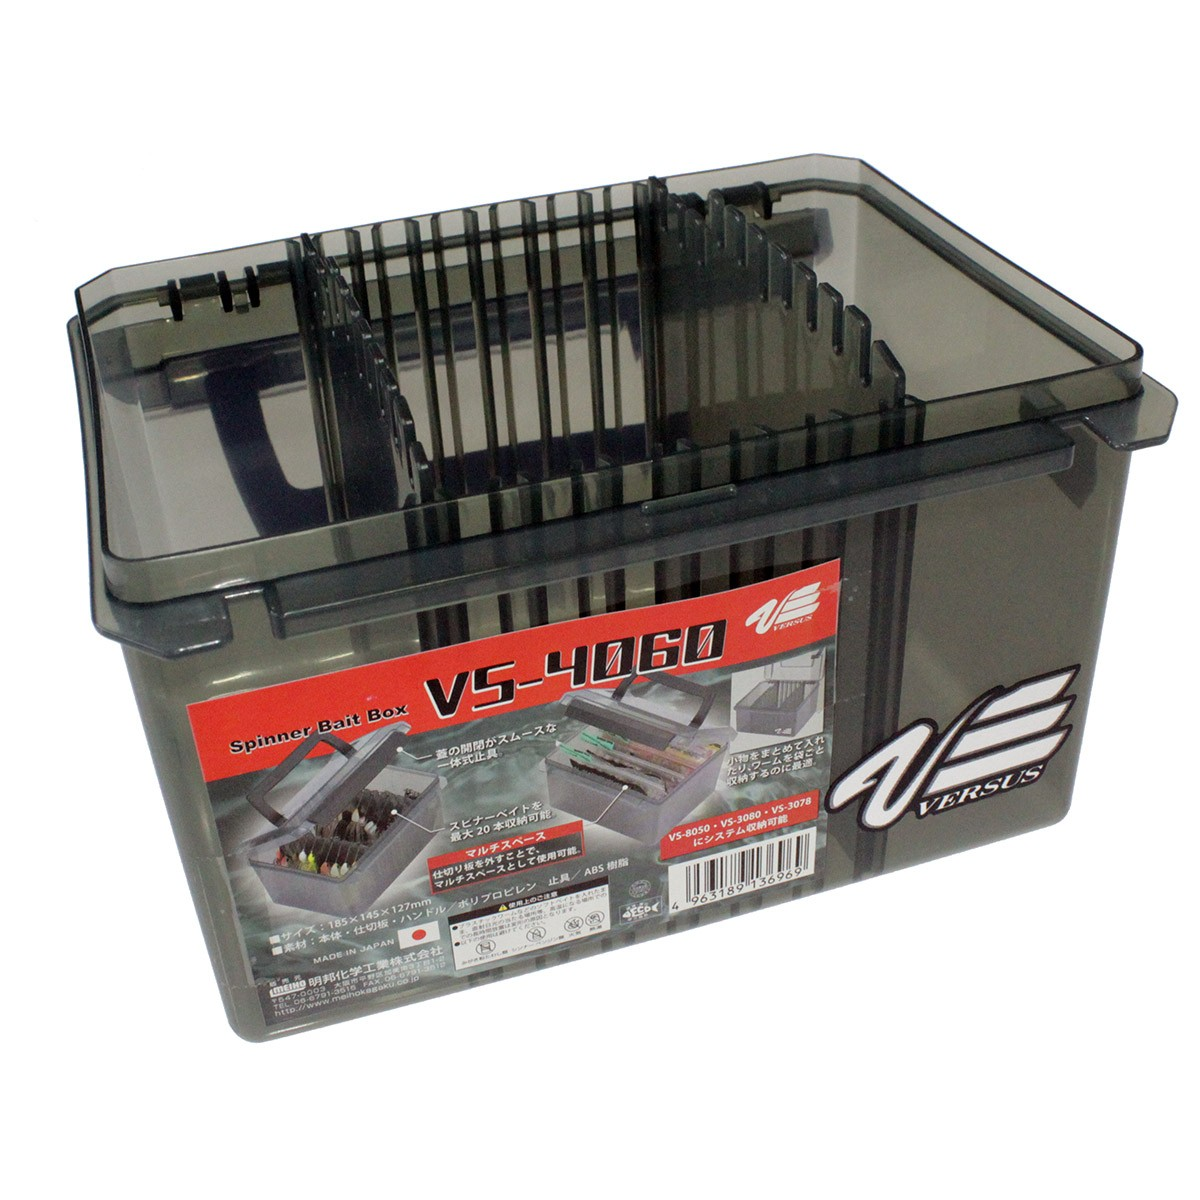 Кутия за воблери и блесни Versus VS-4060 2